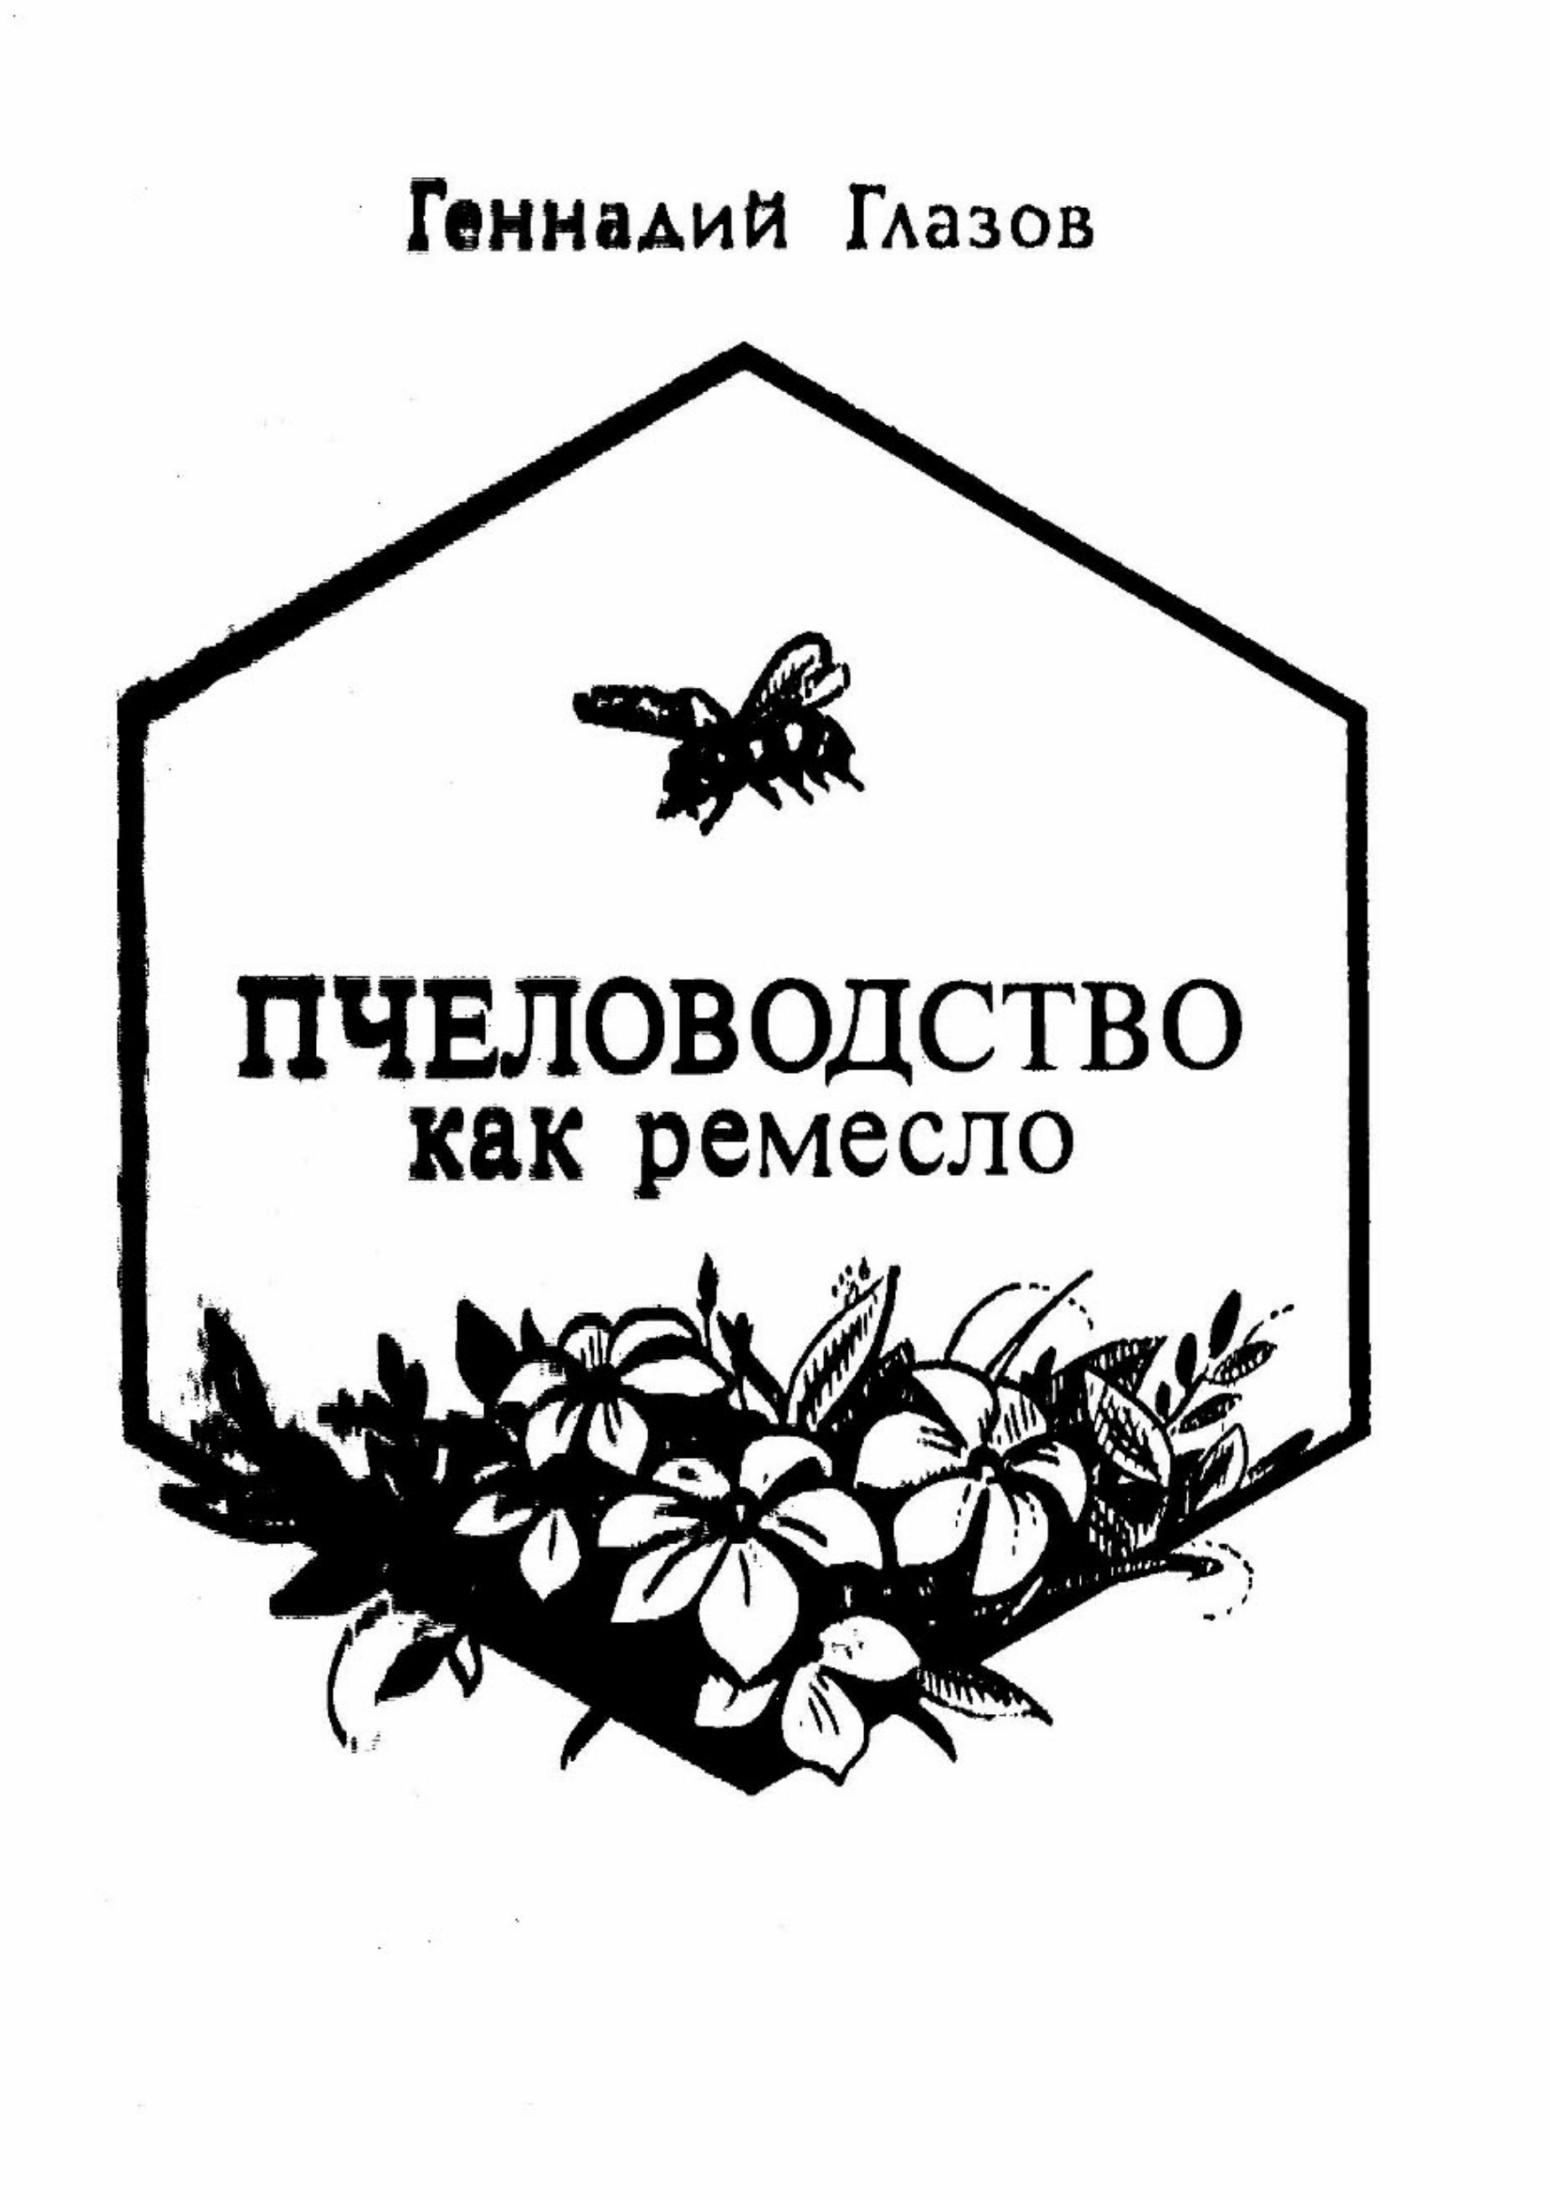 Обложка книги. Автор - Геннадий Глазов